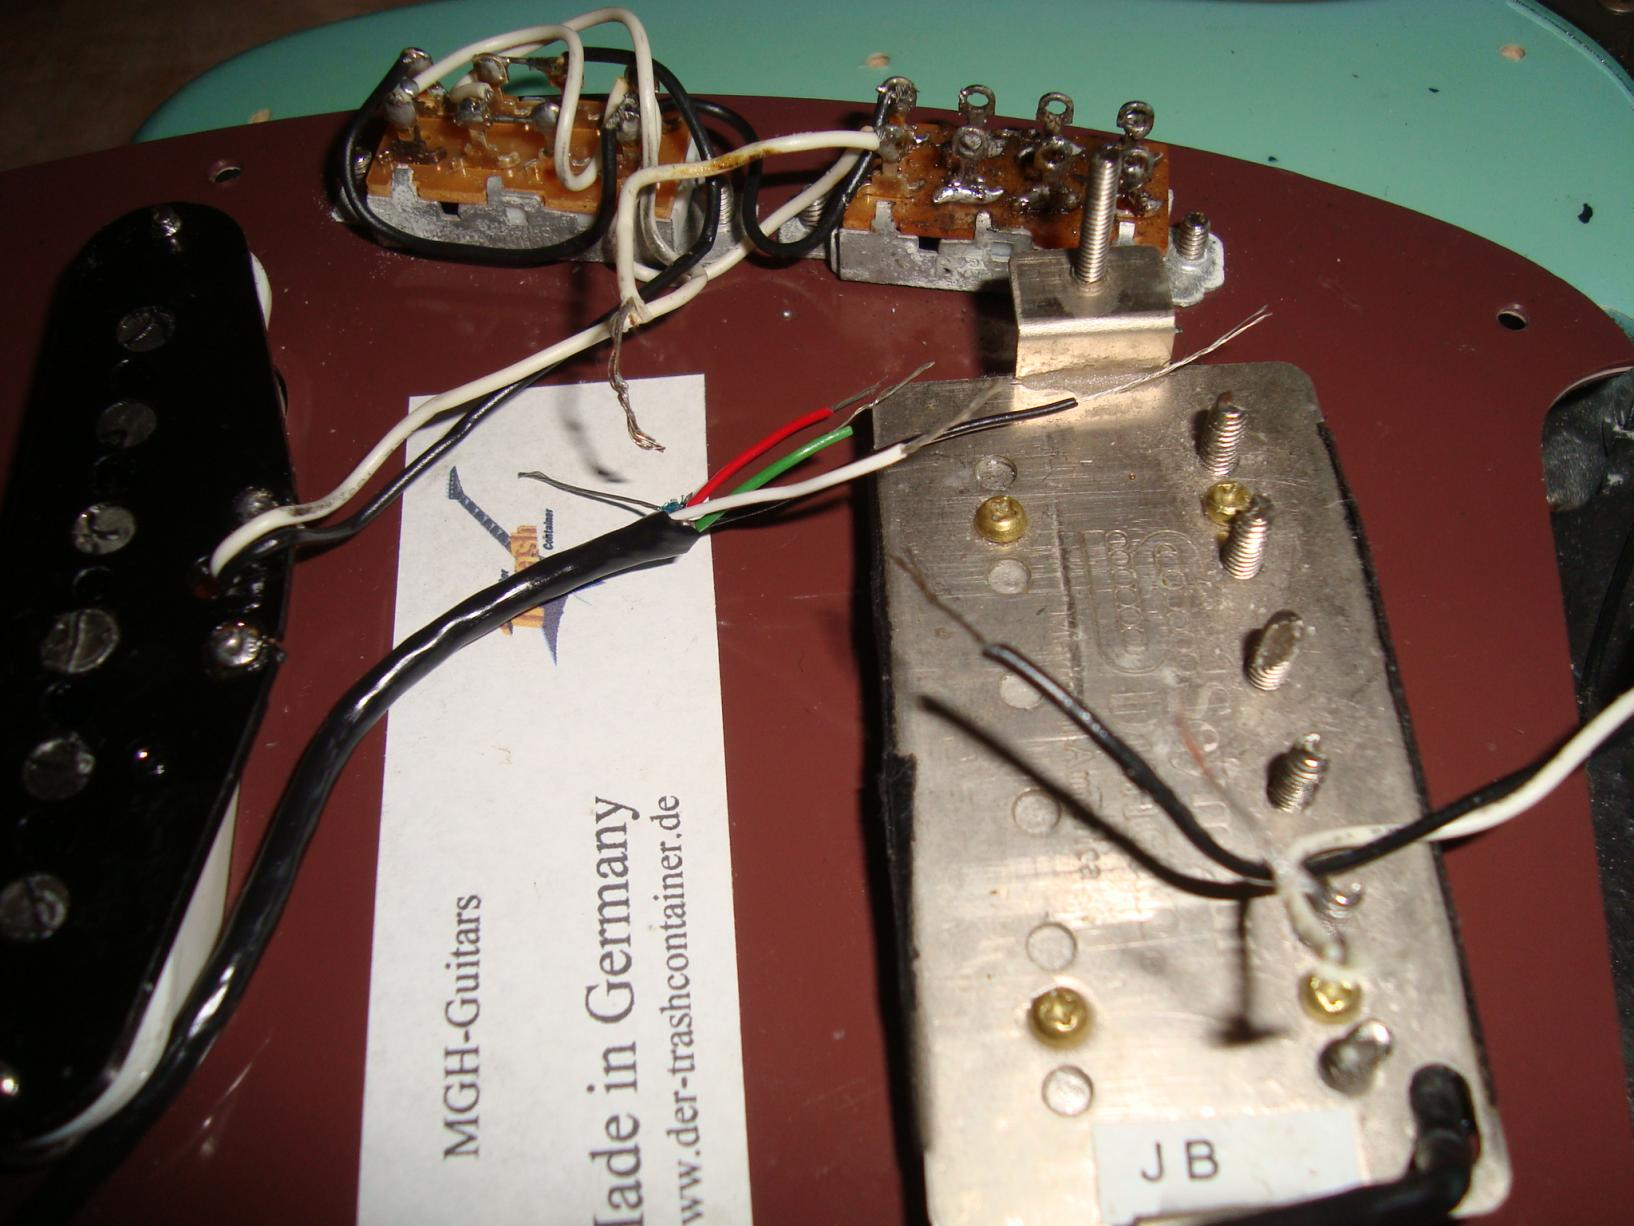 Fender Jag--Stang und Seymour duncan sh-4 (JB)   Musiker-Board